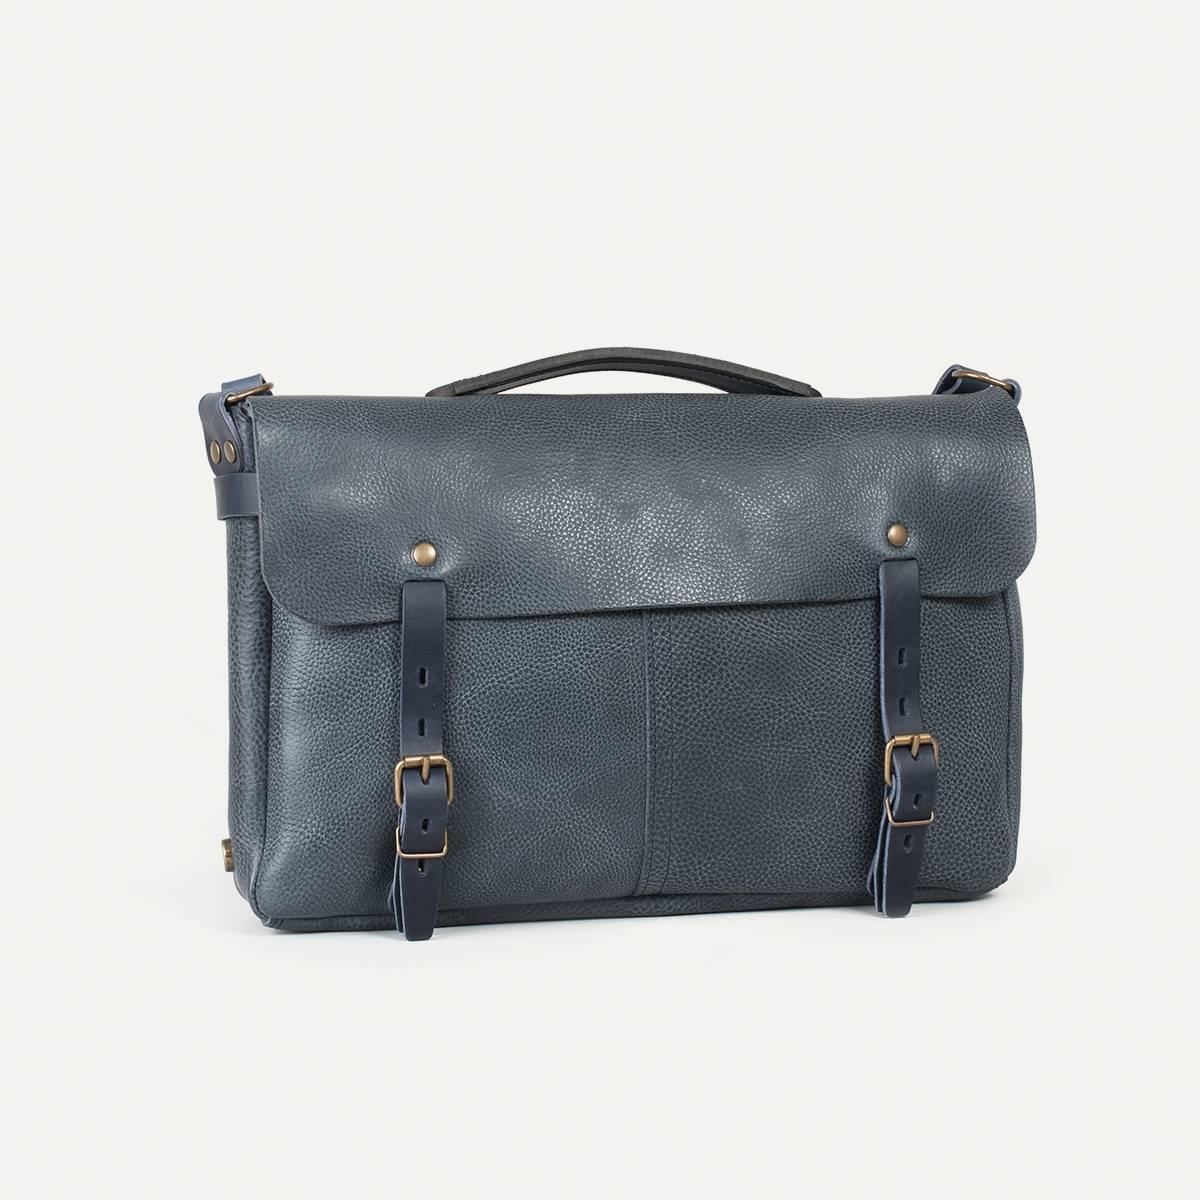 sac besace en cuir justin sac homme made in france. Black Bedroom Furniture Sets. Home Design Ideas